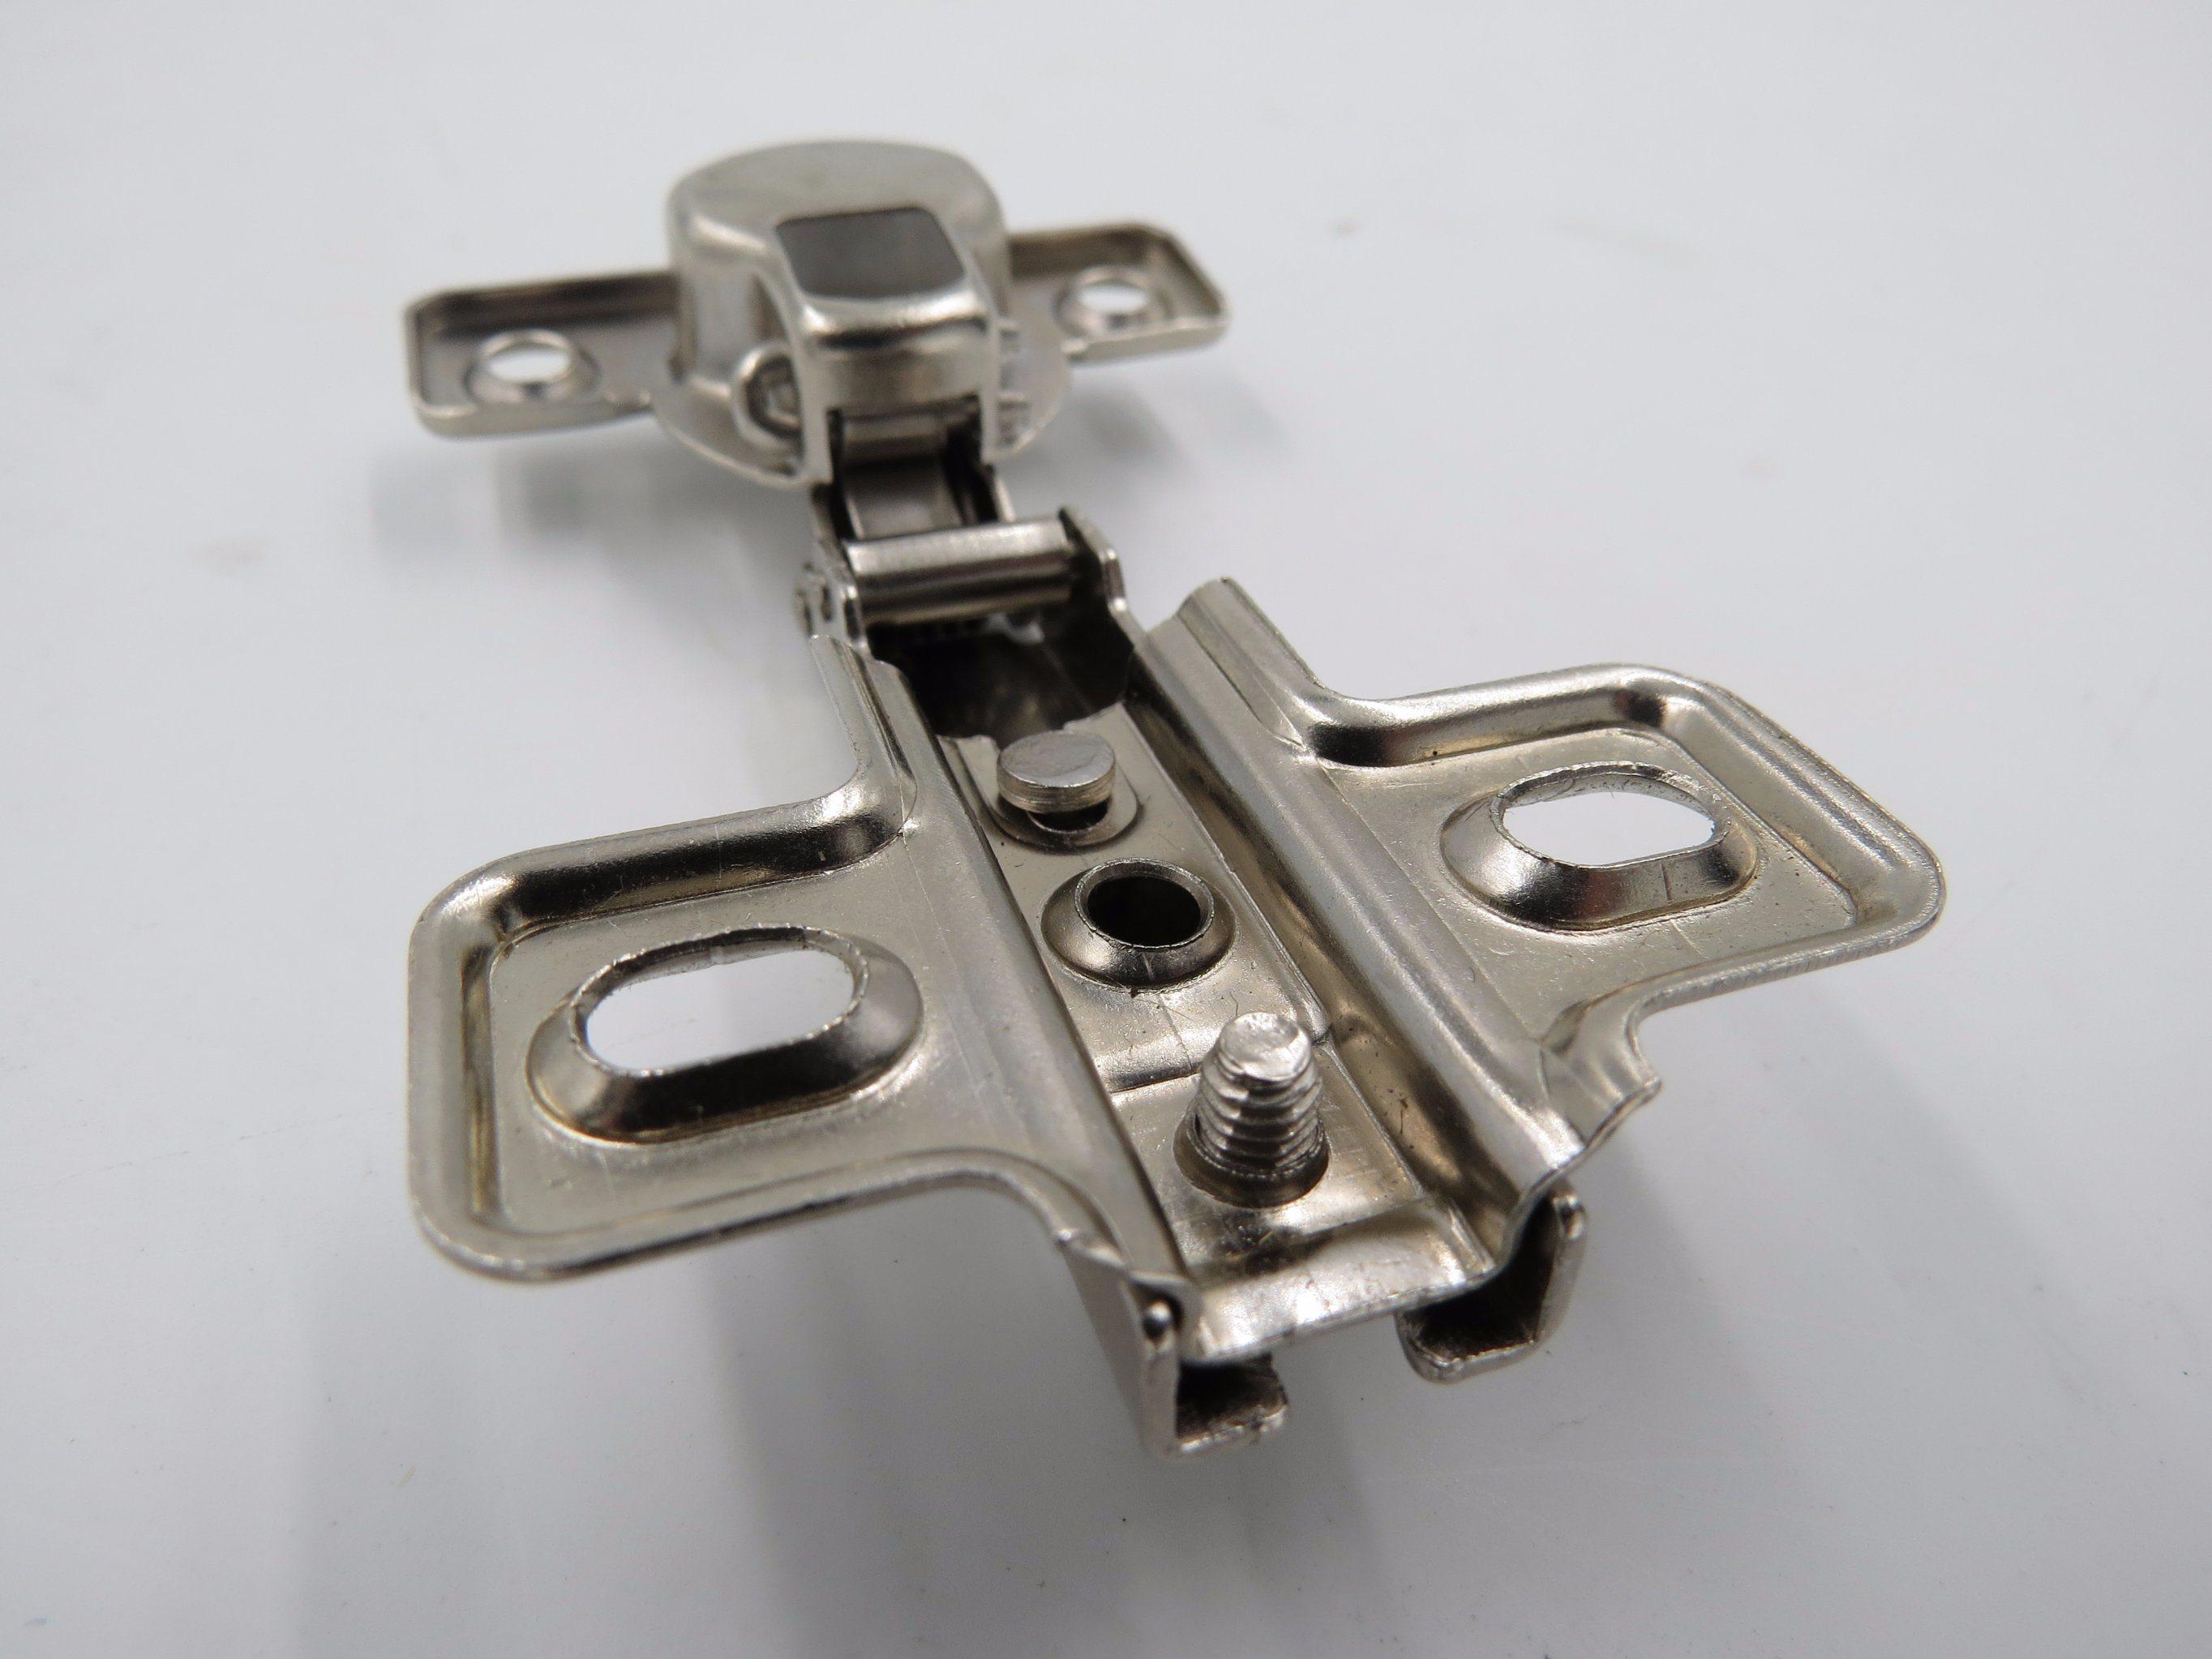 26mm Cup One Way Hinge Aciton Slide on Mini Hinge